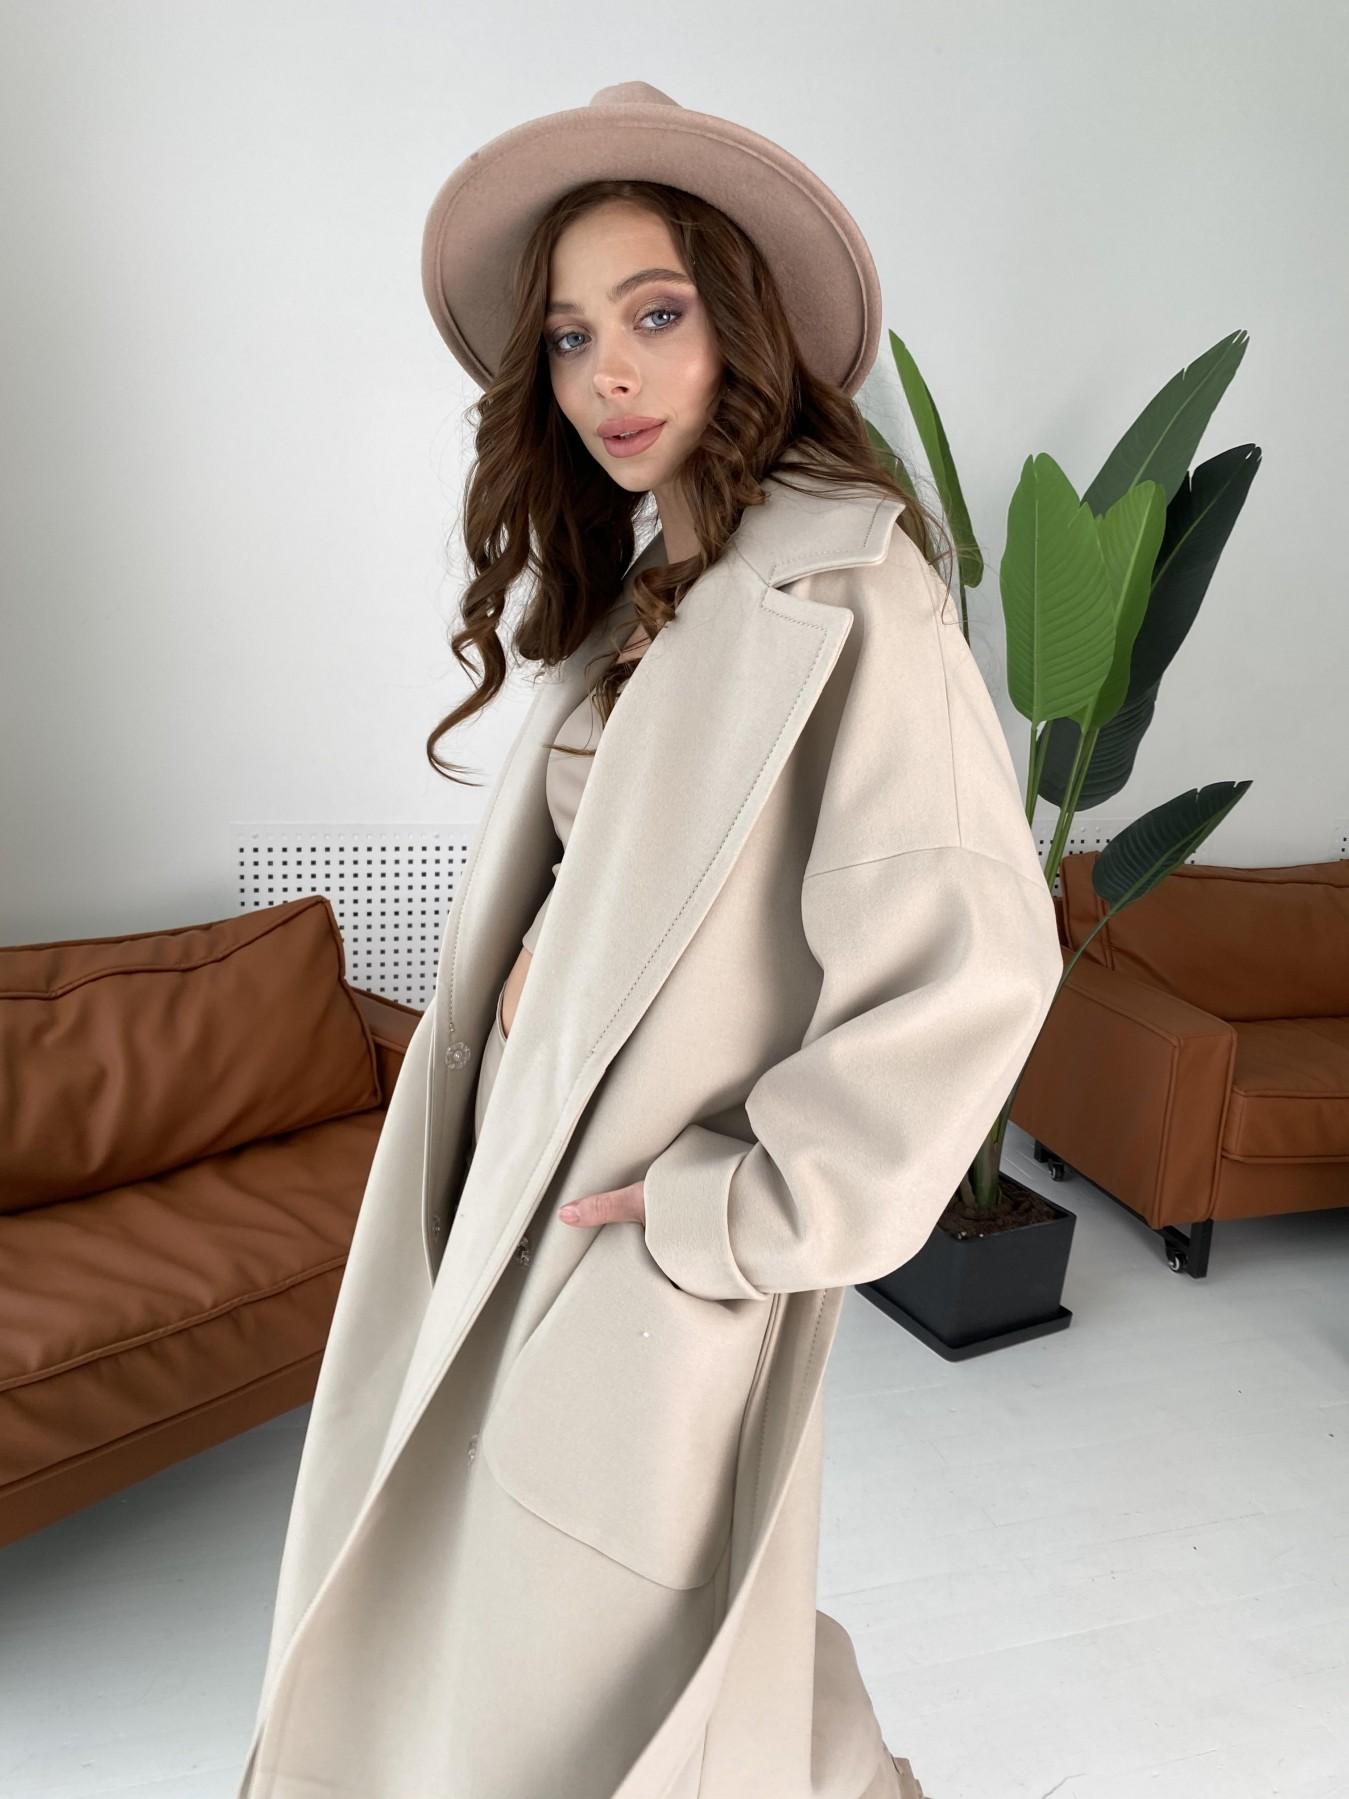 Кейт  пальто из кашемира 10539 АРТ. 46990 Цвет: Бежевый Светлый - фото 3, интернет магазин tm-modus.ru